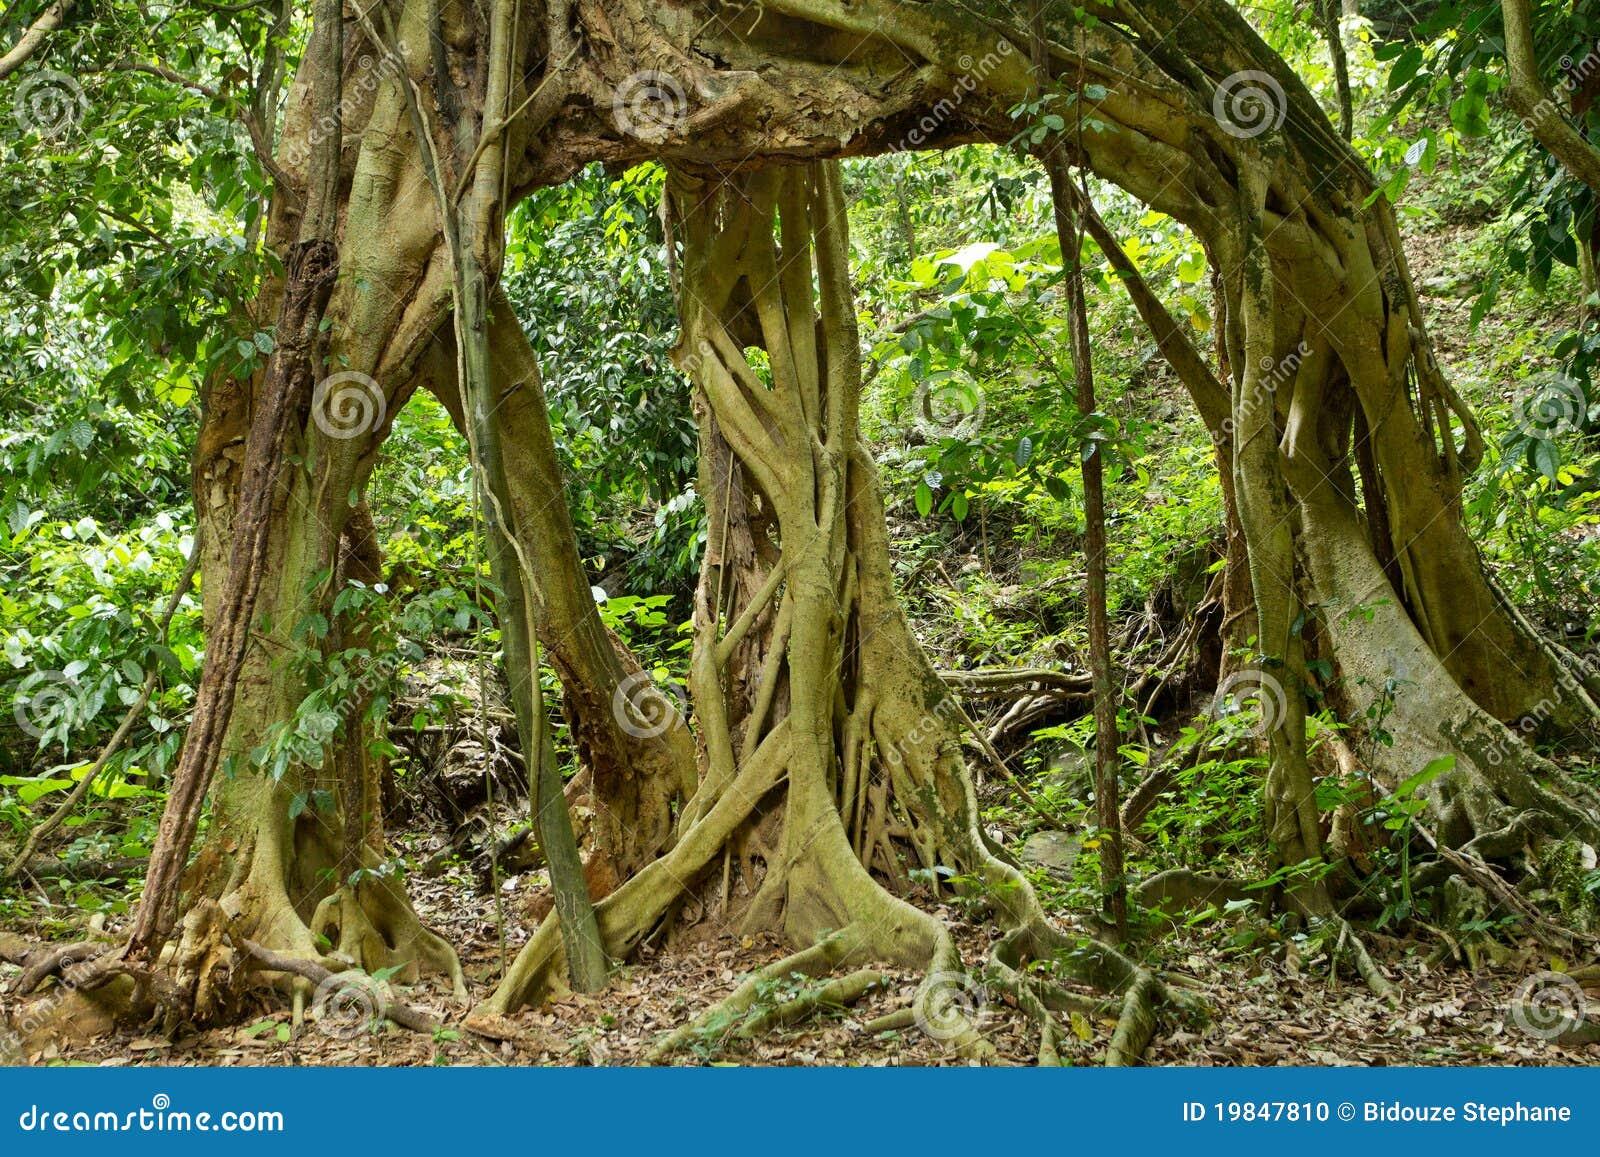 Grandi radici dell 39 albero di fico fotografia stock for Albero fico prezzo